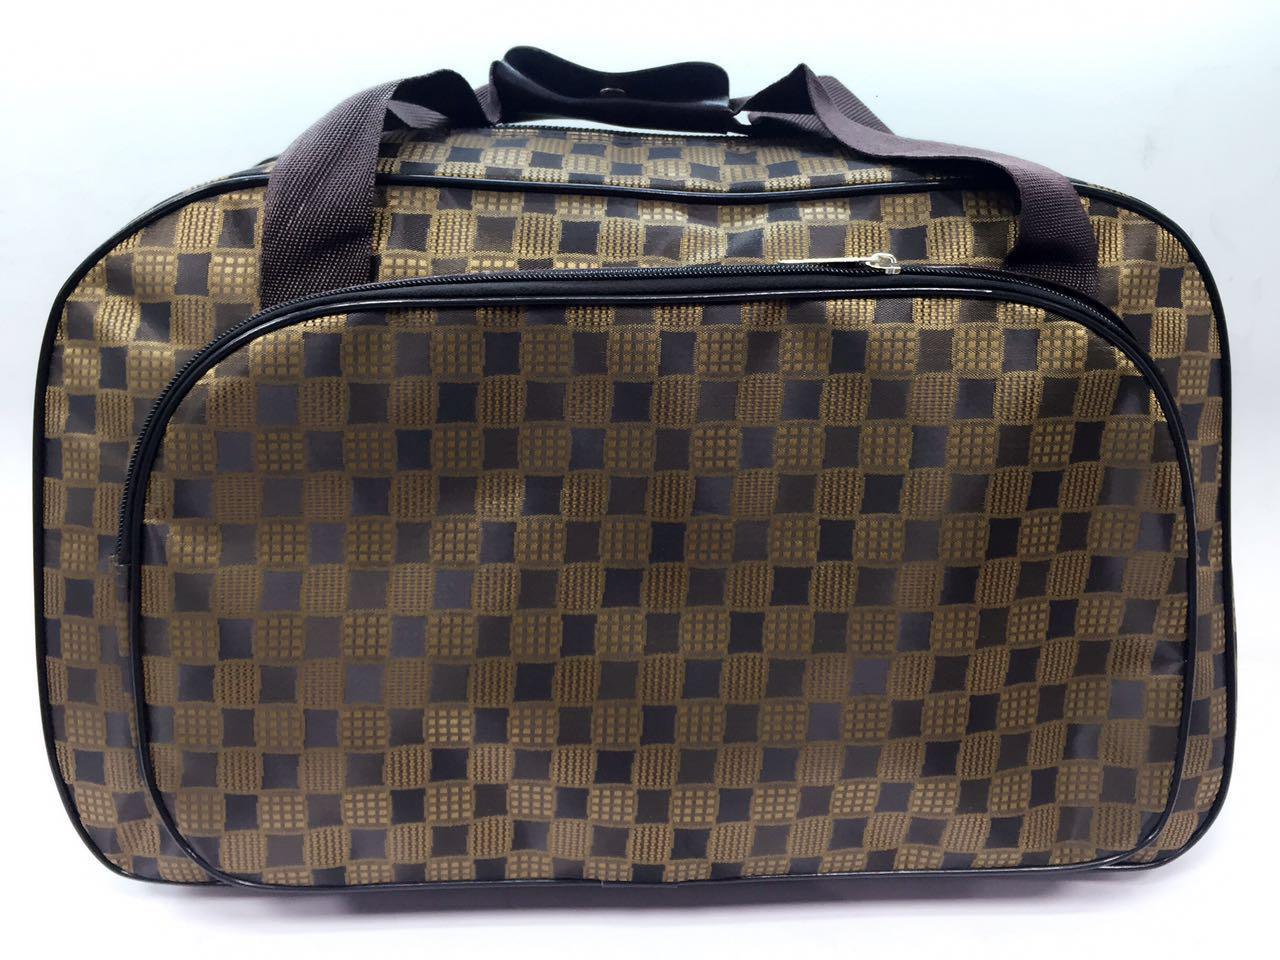 Женская сумка саквояж маленькая текстильная коричневая ручная кладь